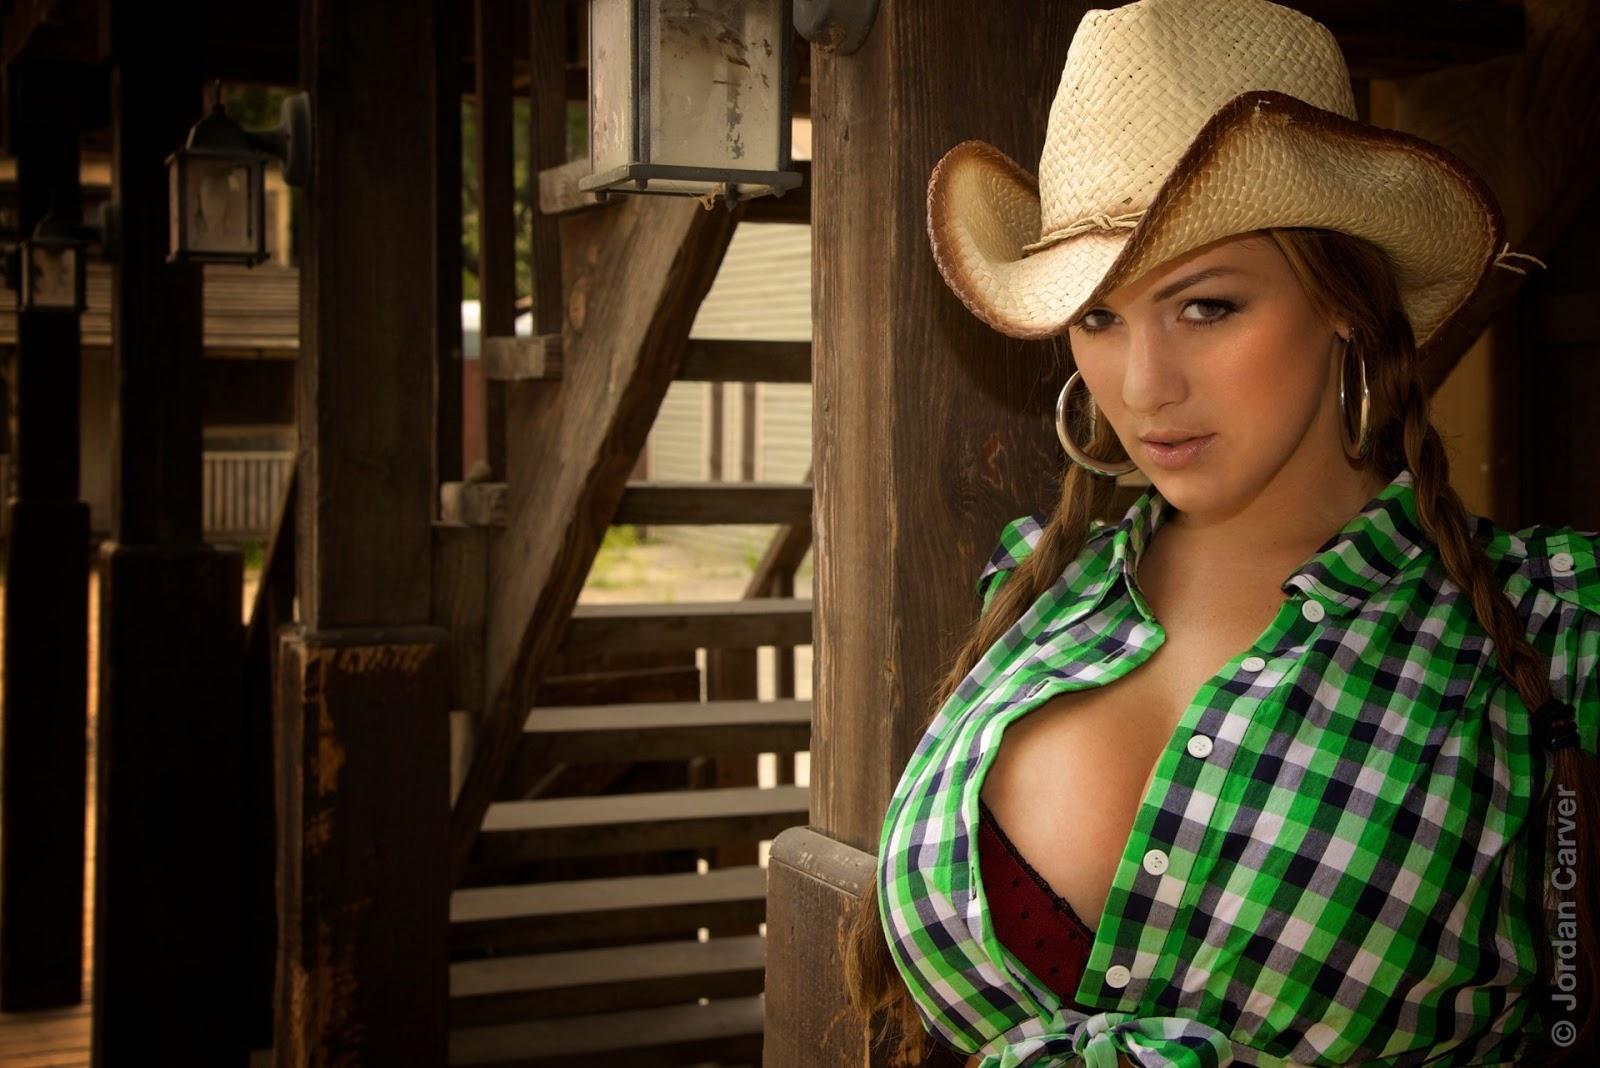 Indian Home Girl Wallpaper Jordan Carver Cowgirl Hot Sexy Photo Shoot Damn Sexy